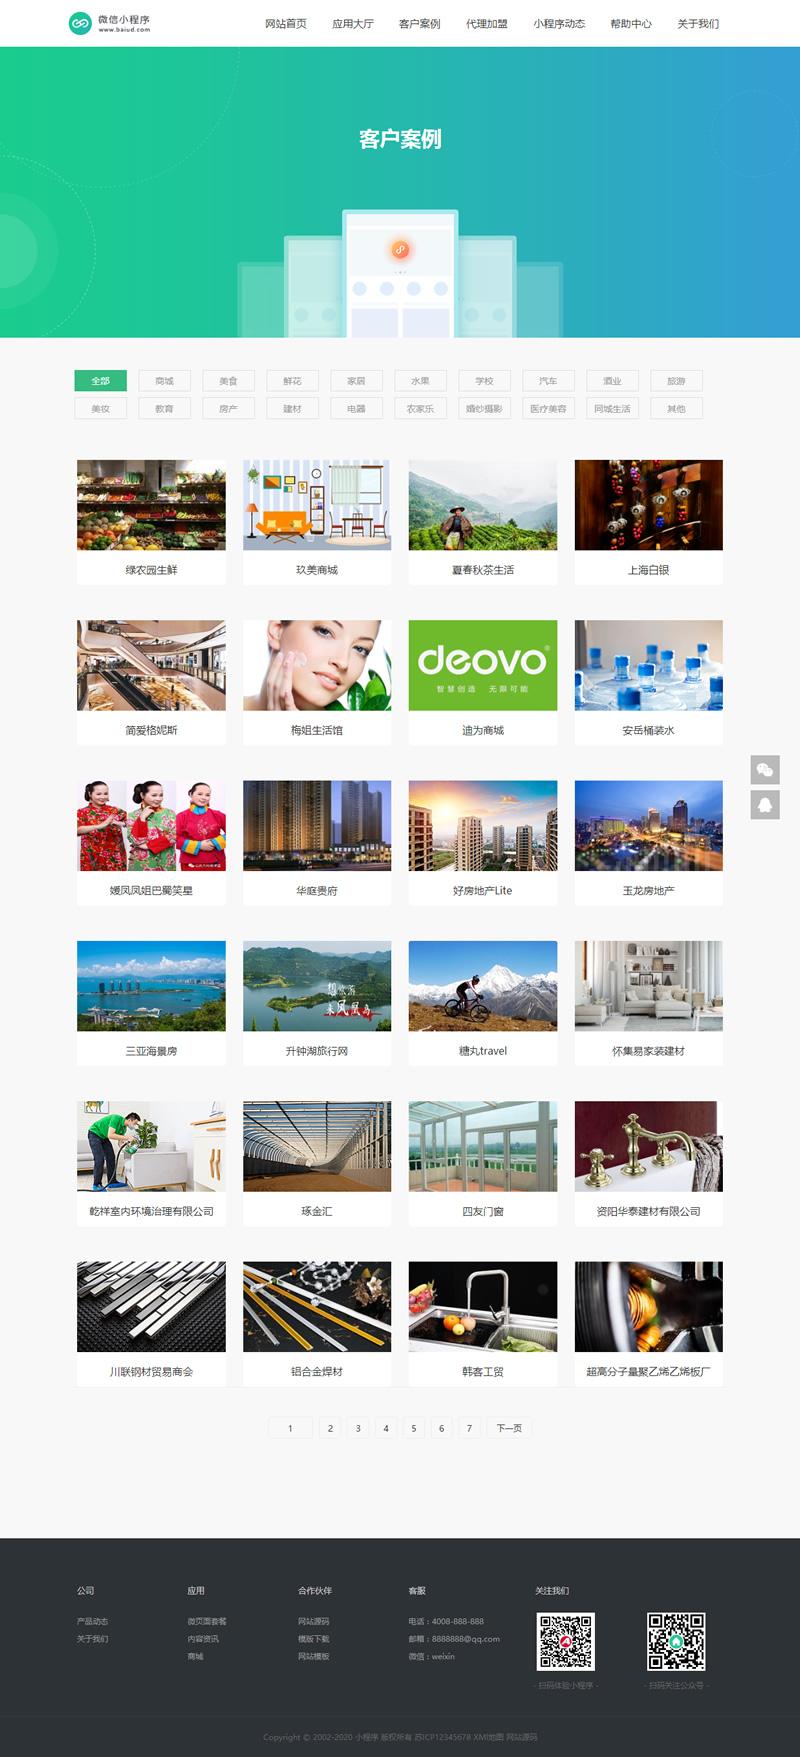 织梦微信小程序开发展示网站源码 织梦小程序销售网站模板 第1张